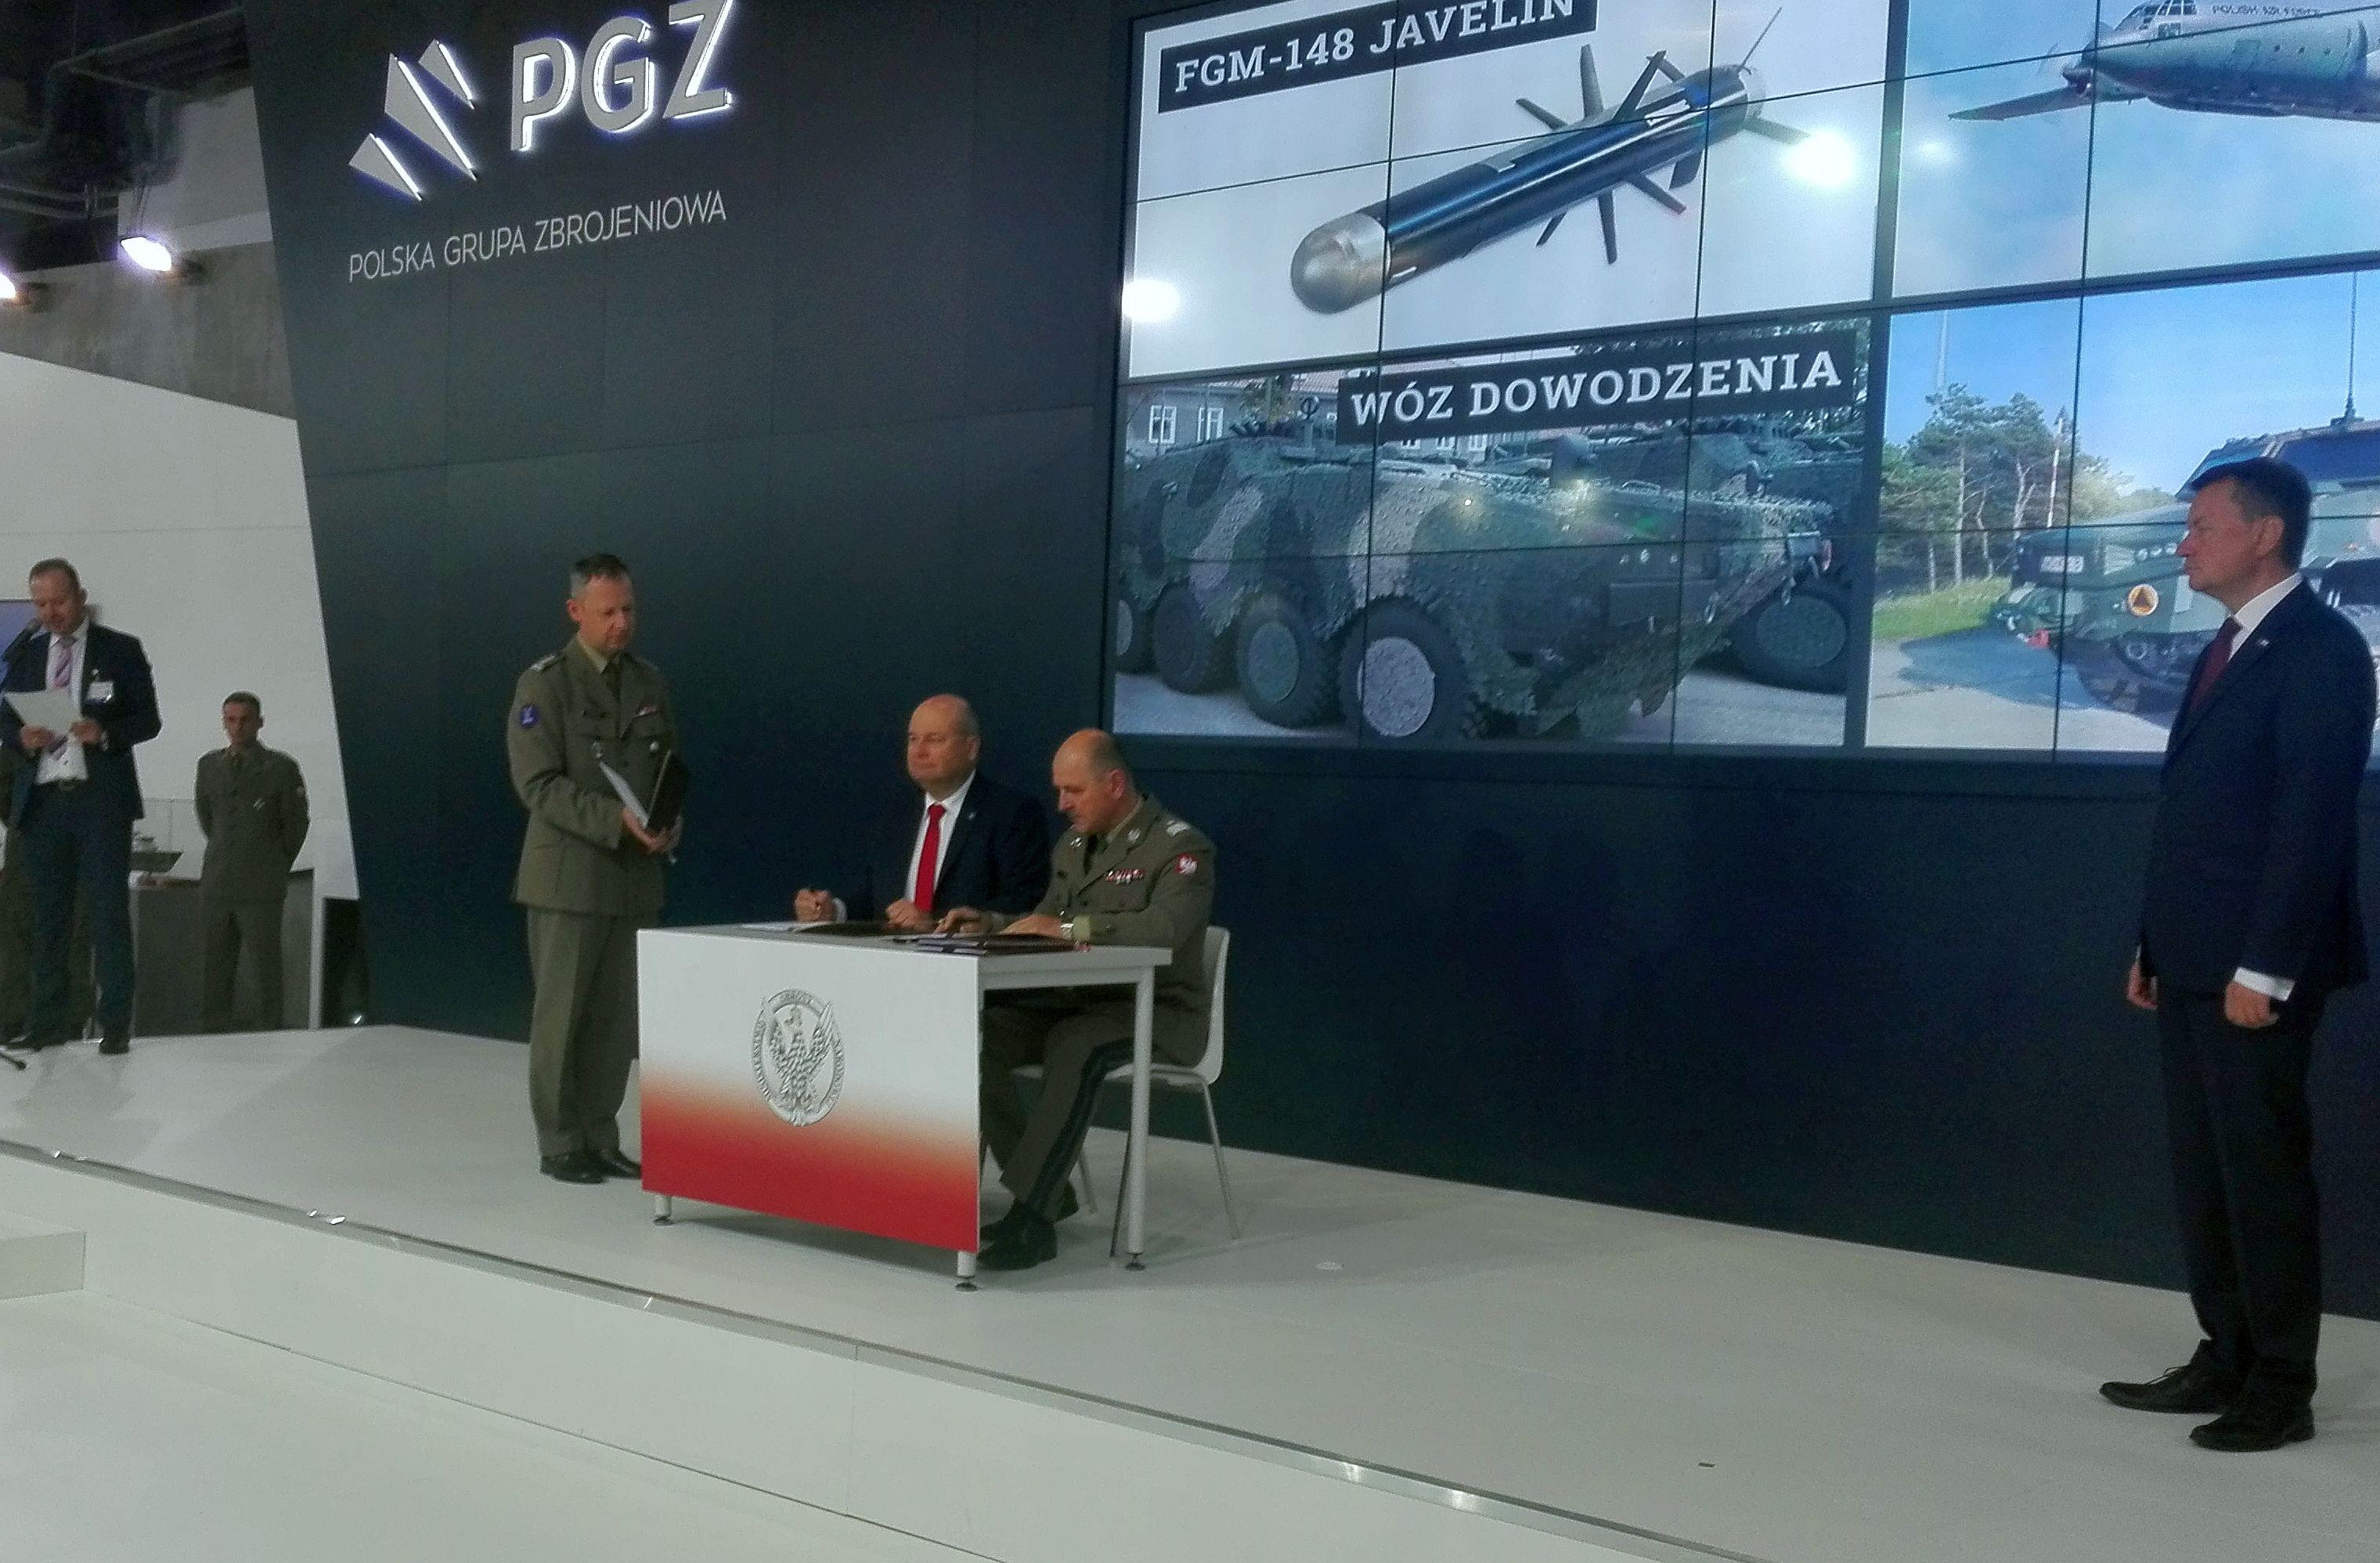 Podpisanie umów zInspektoratem Uzbrojenia nadostawy sprzętu optoelektronicznego produkcji PCO S.A.